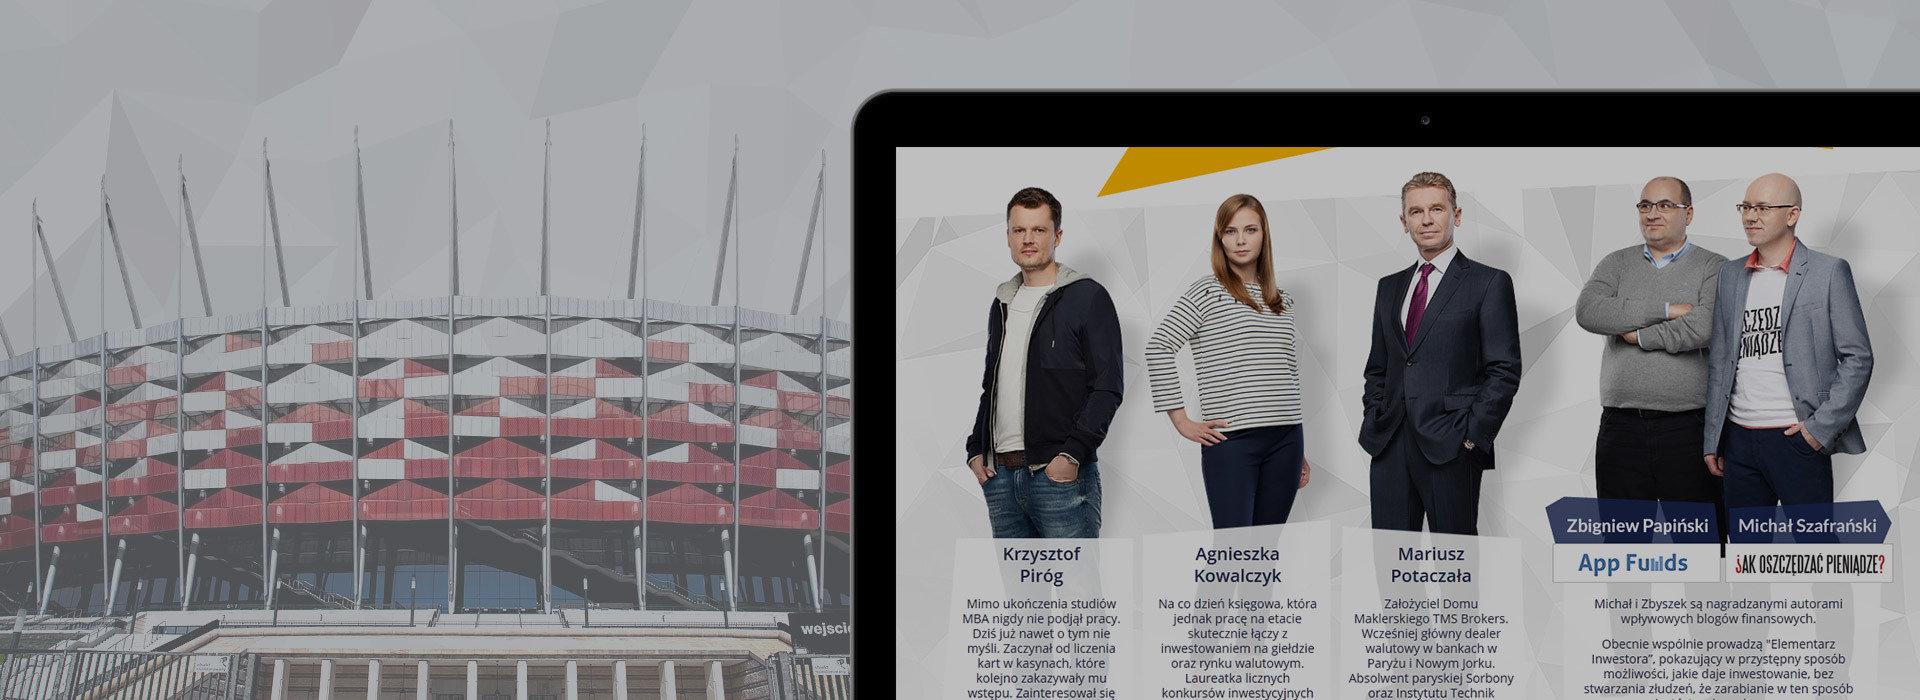 Kompleksowe przygotowanie ogólnopolskiej kampanii reklamowej